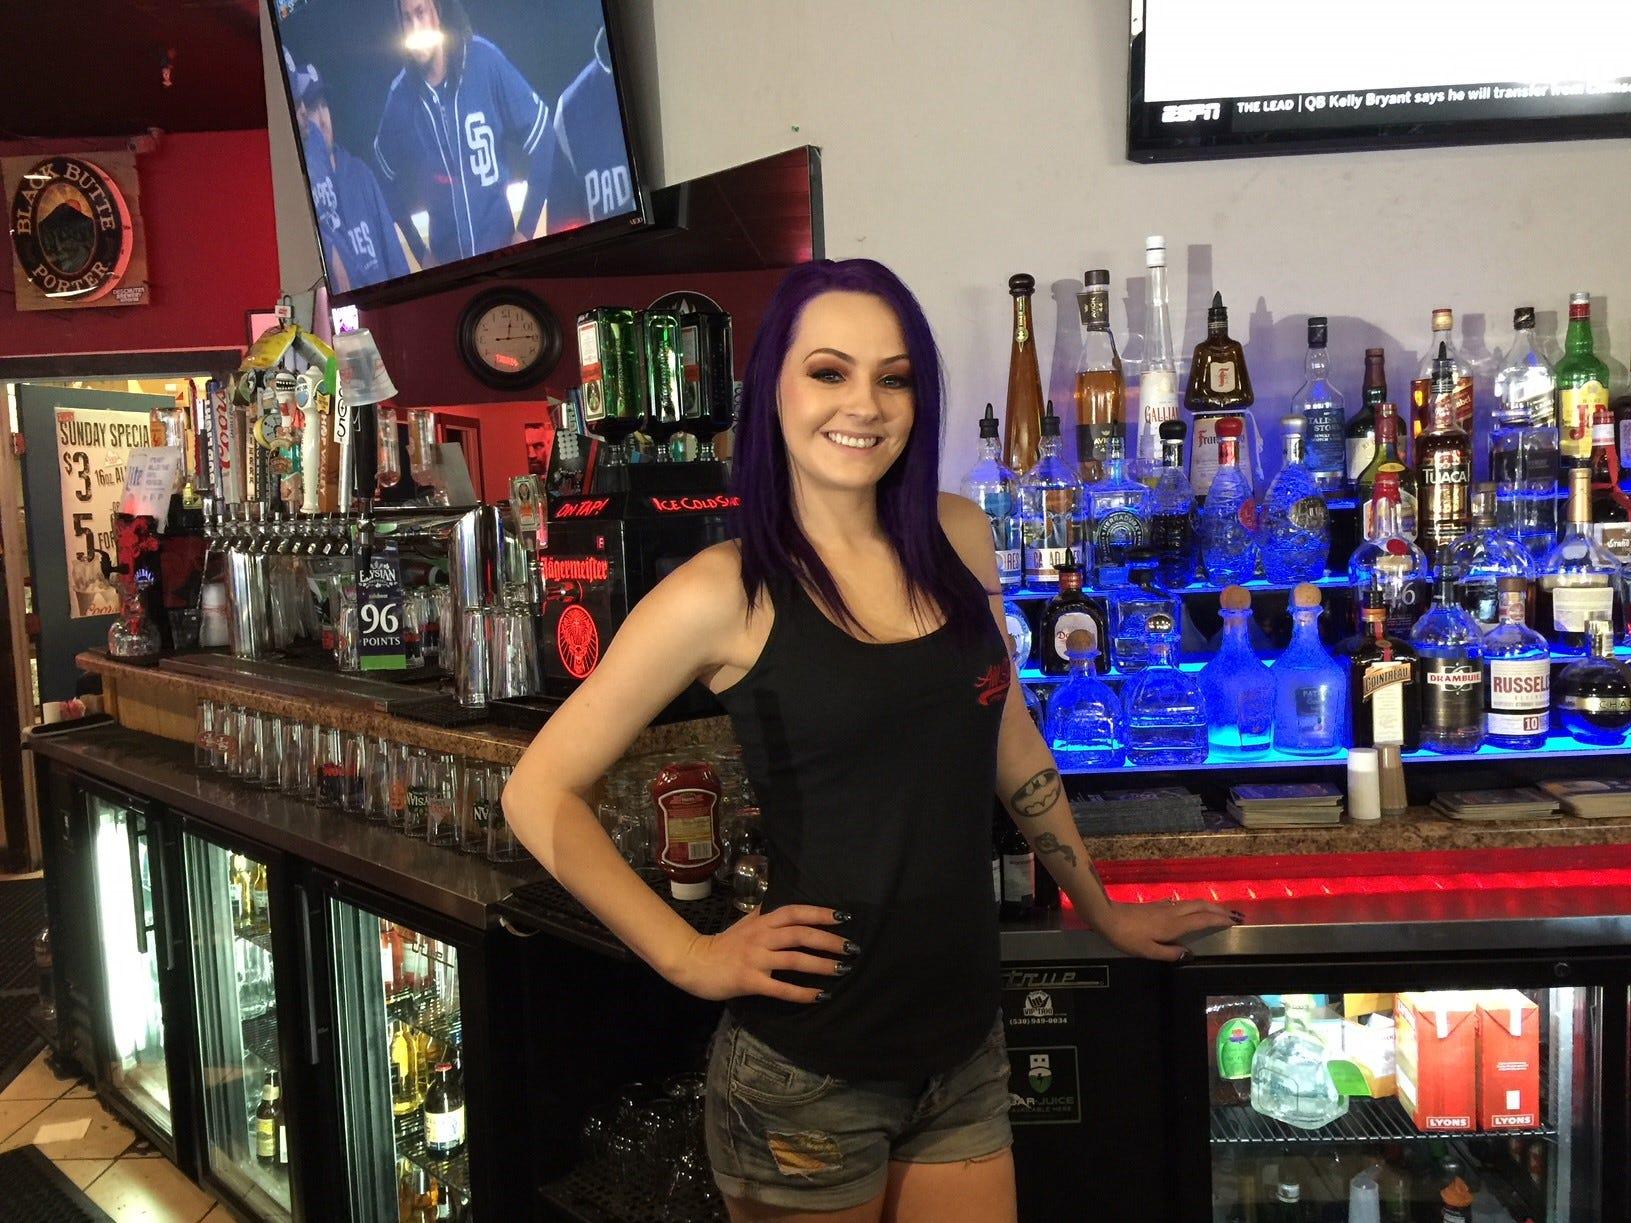 All Stars bartender Pattie Hufnagel at All Stars Sports Bar in Redding.